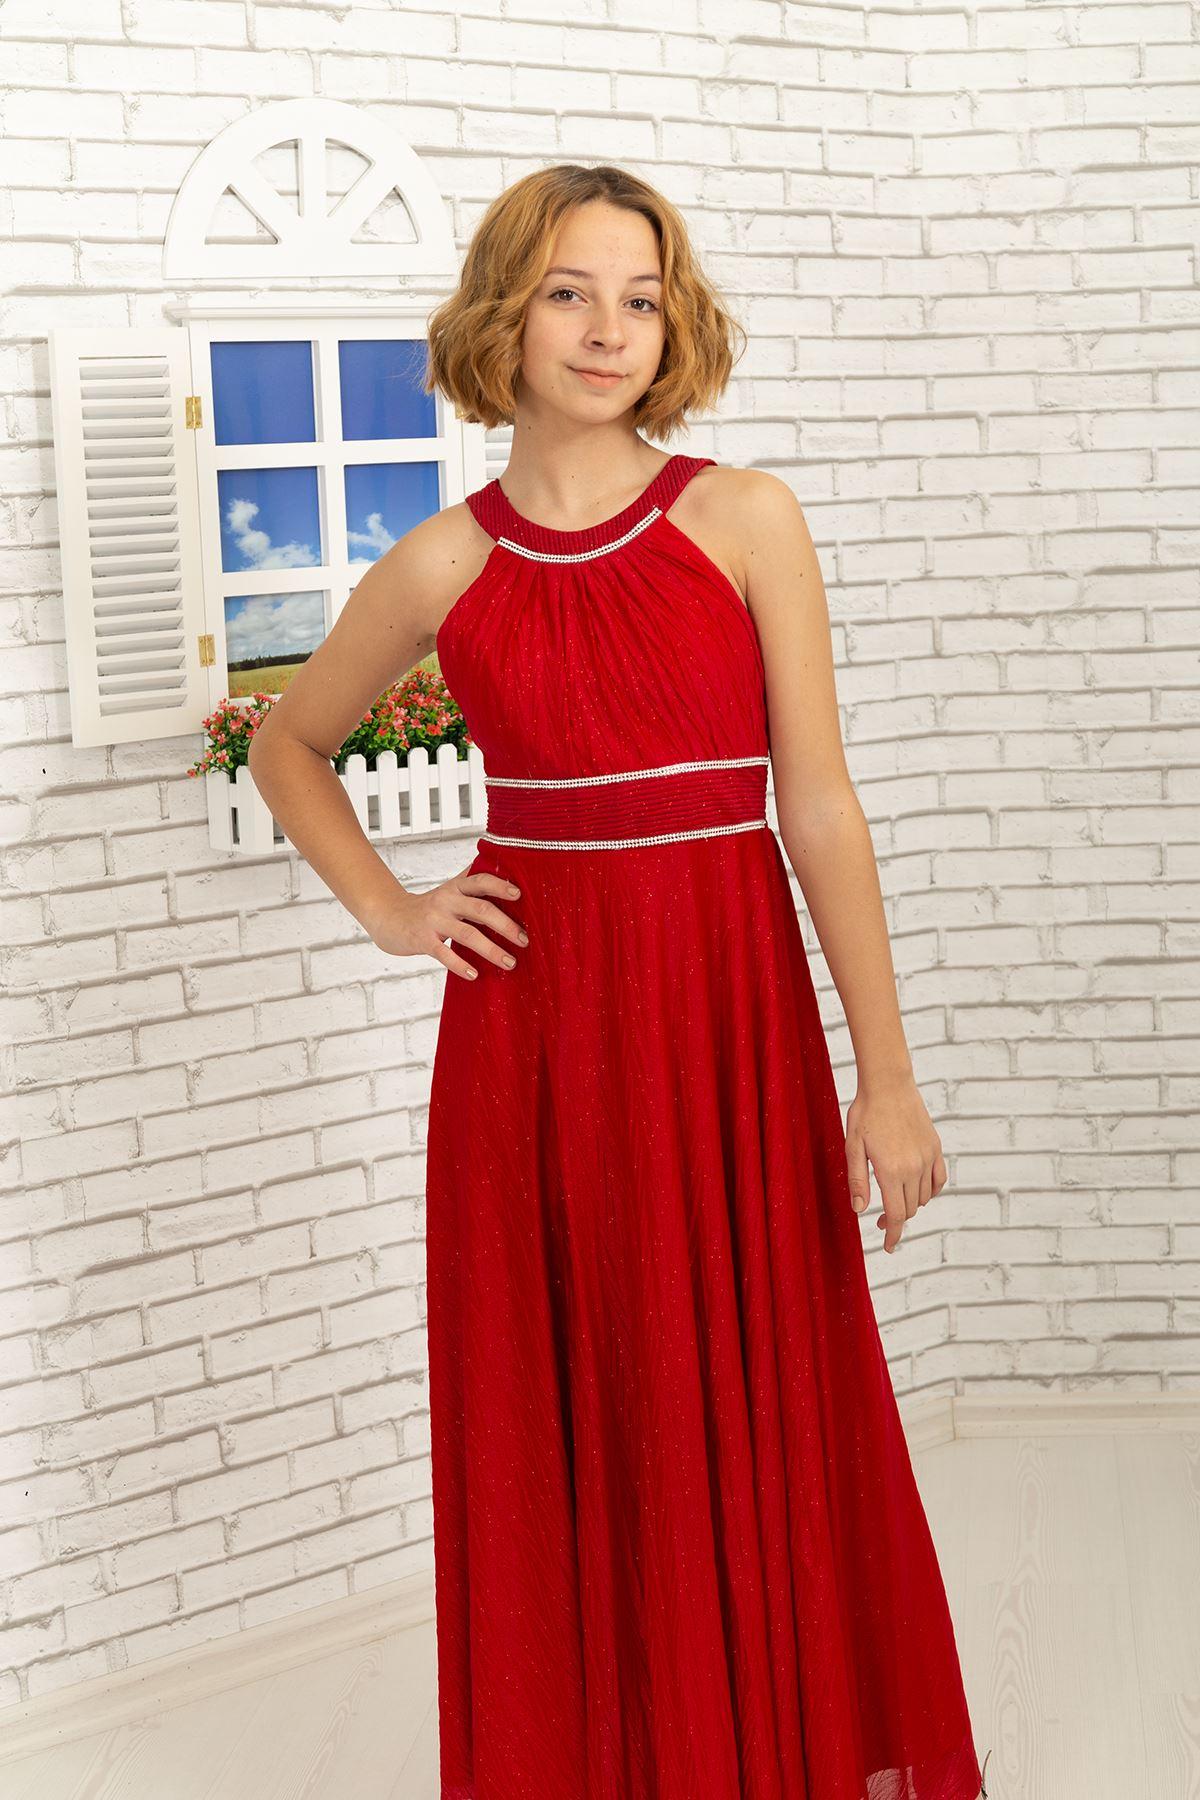 Μέση και Λαιμός πέτρα λεπτομερής, ζιγκ-ζαγκ ασημένιο Σιφόν κορίτσι βραδινό φόρεμα 468 Κόκκινο